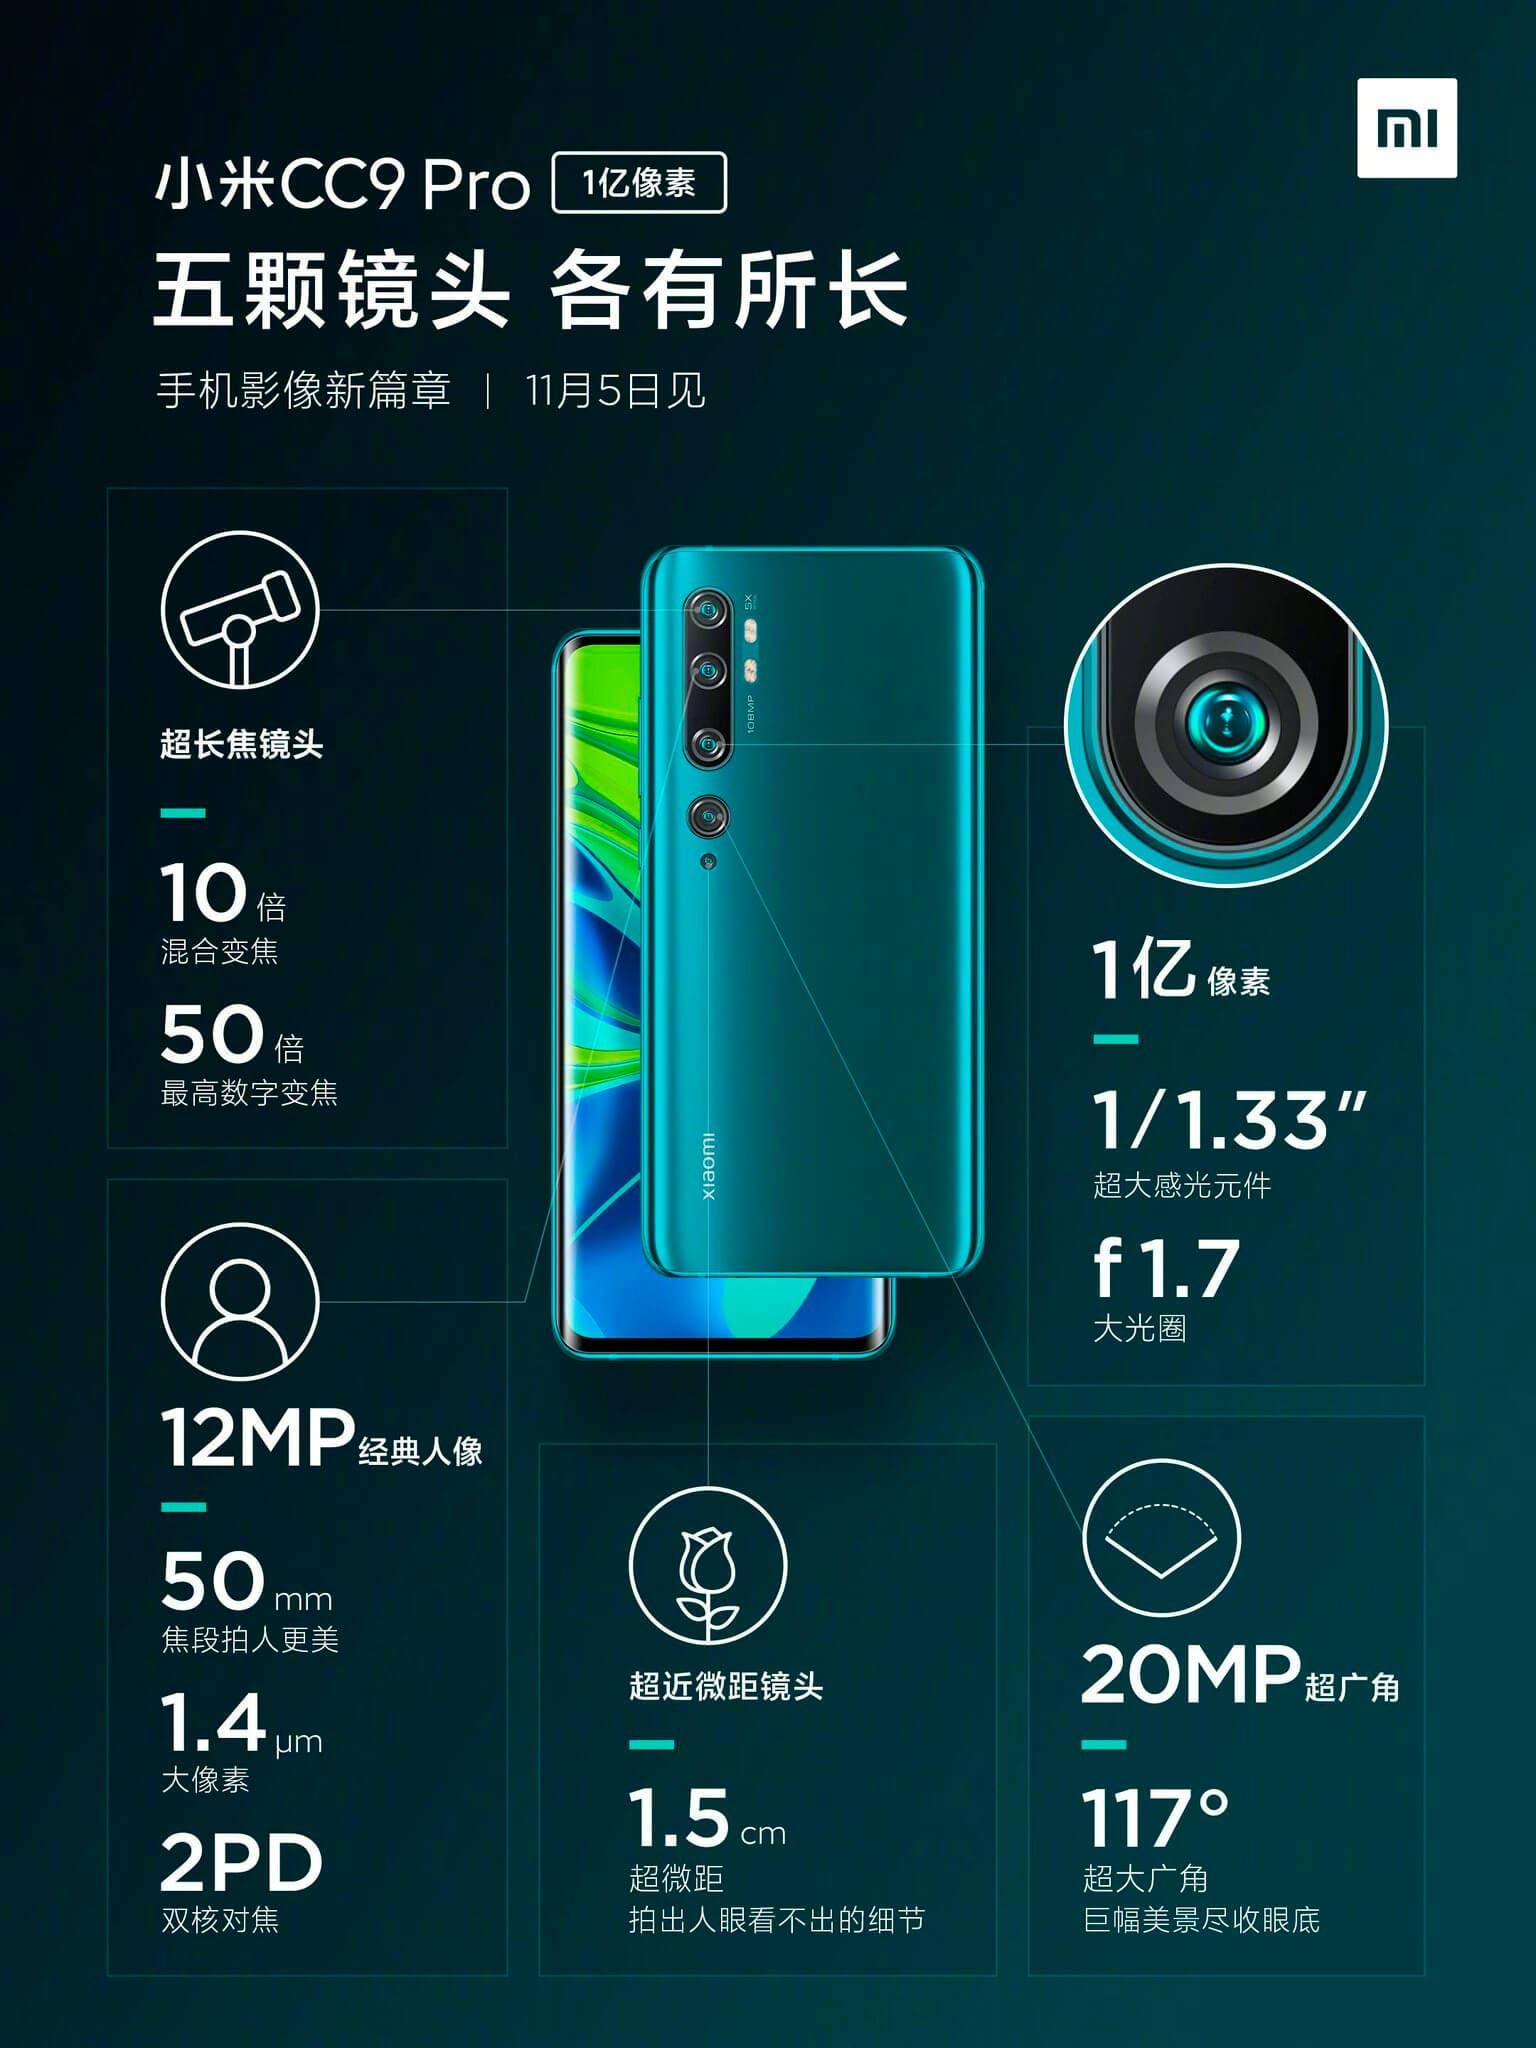 Xiaomi CC9 Pro cámaras